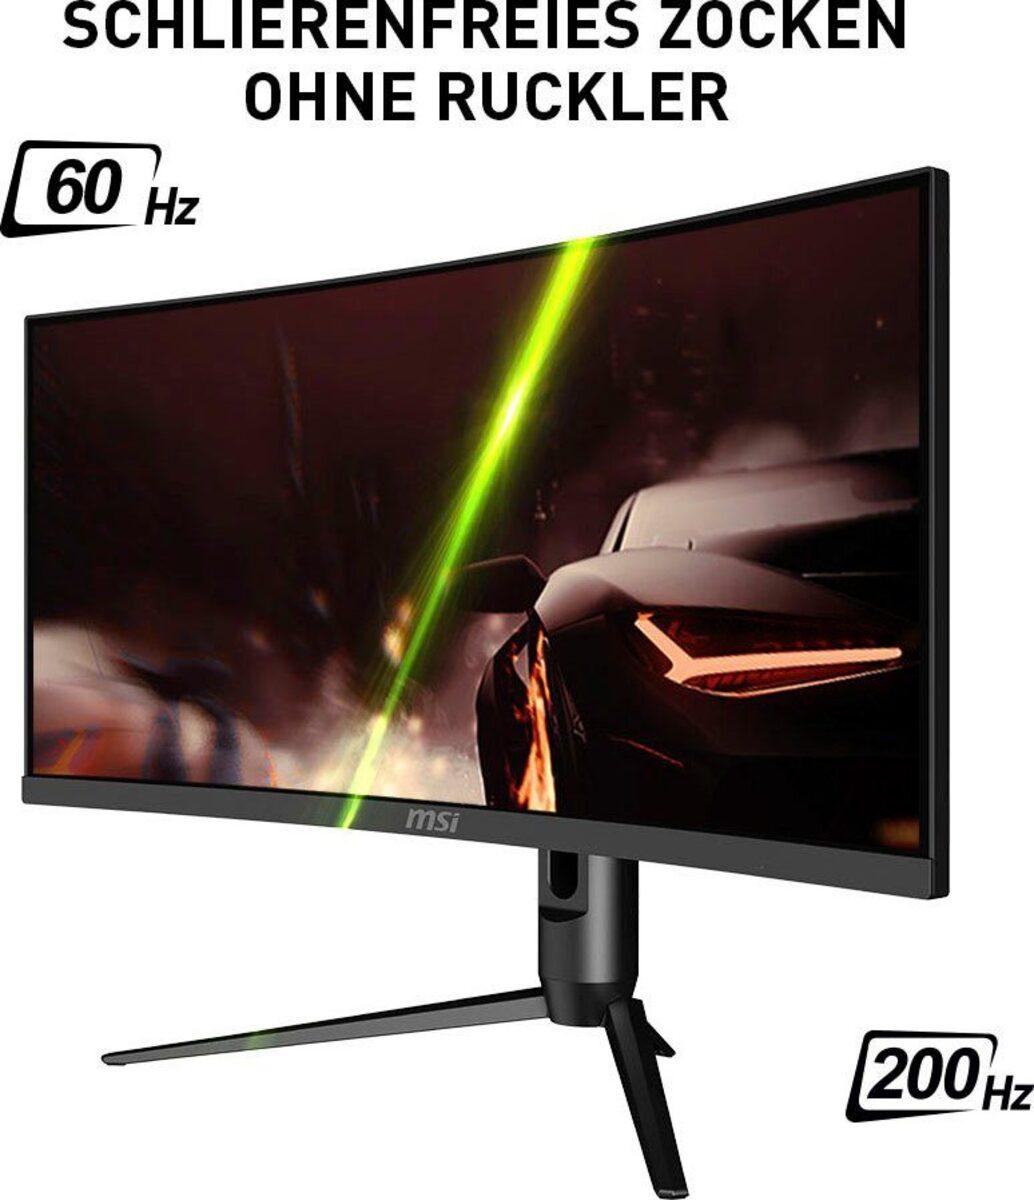 """Bild 5 von MSI Optix MAG301CR2DE Curved-Gaming-Monitor (76 cm/30 """", 2560 x 1080 Pixel, WFHD, 1 ms Reaktionszeit, 200 Hz, VA LED, 3 Jahre Herstellergarantie)"""